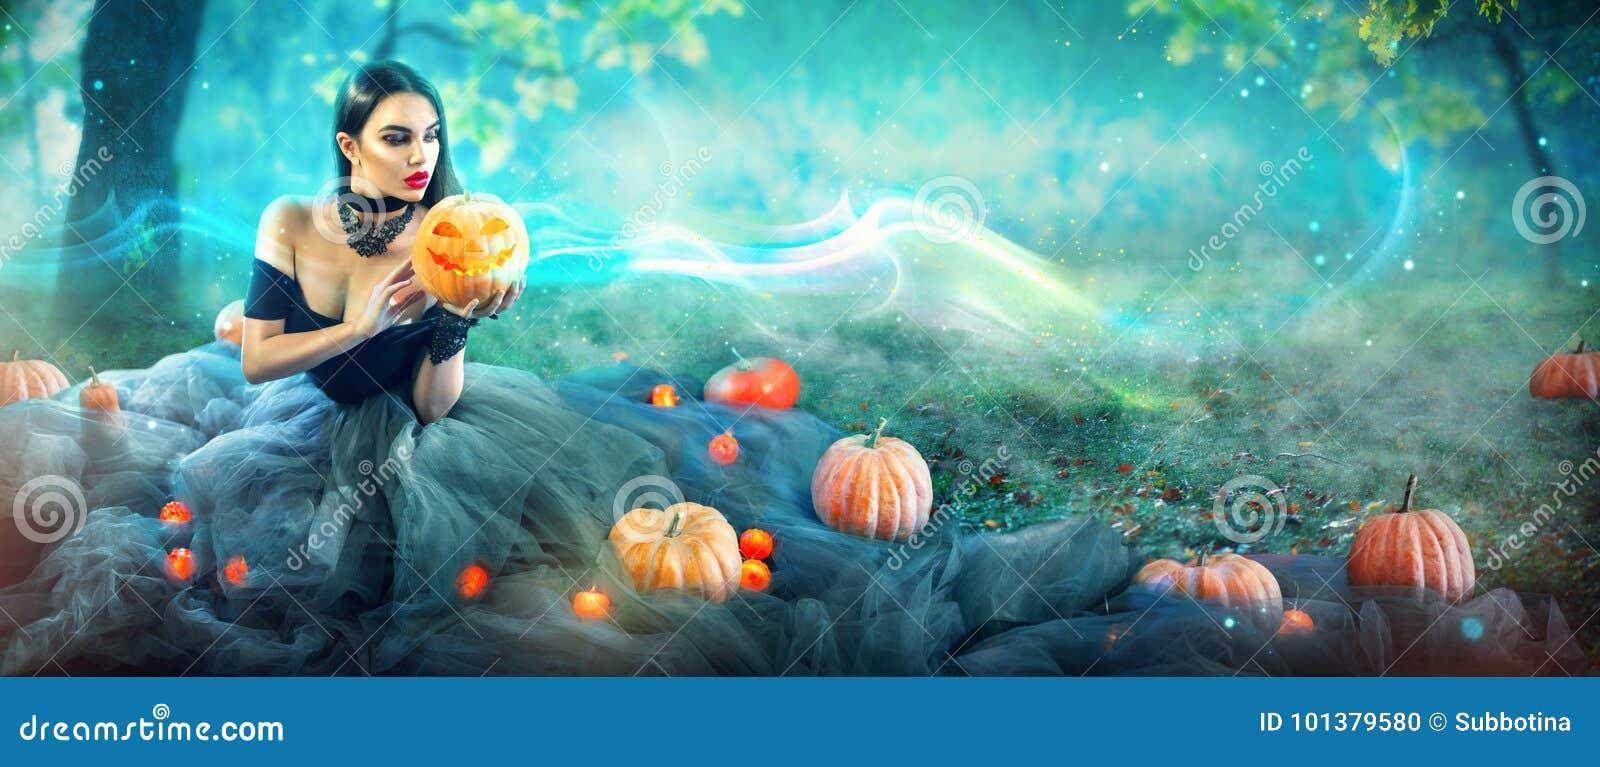 Μάγισσα αποκριών με μια χαρασμένη κολοκύθα και μαγικά φω τα σε ένα δάσος